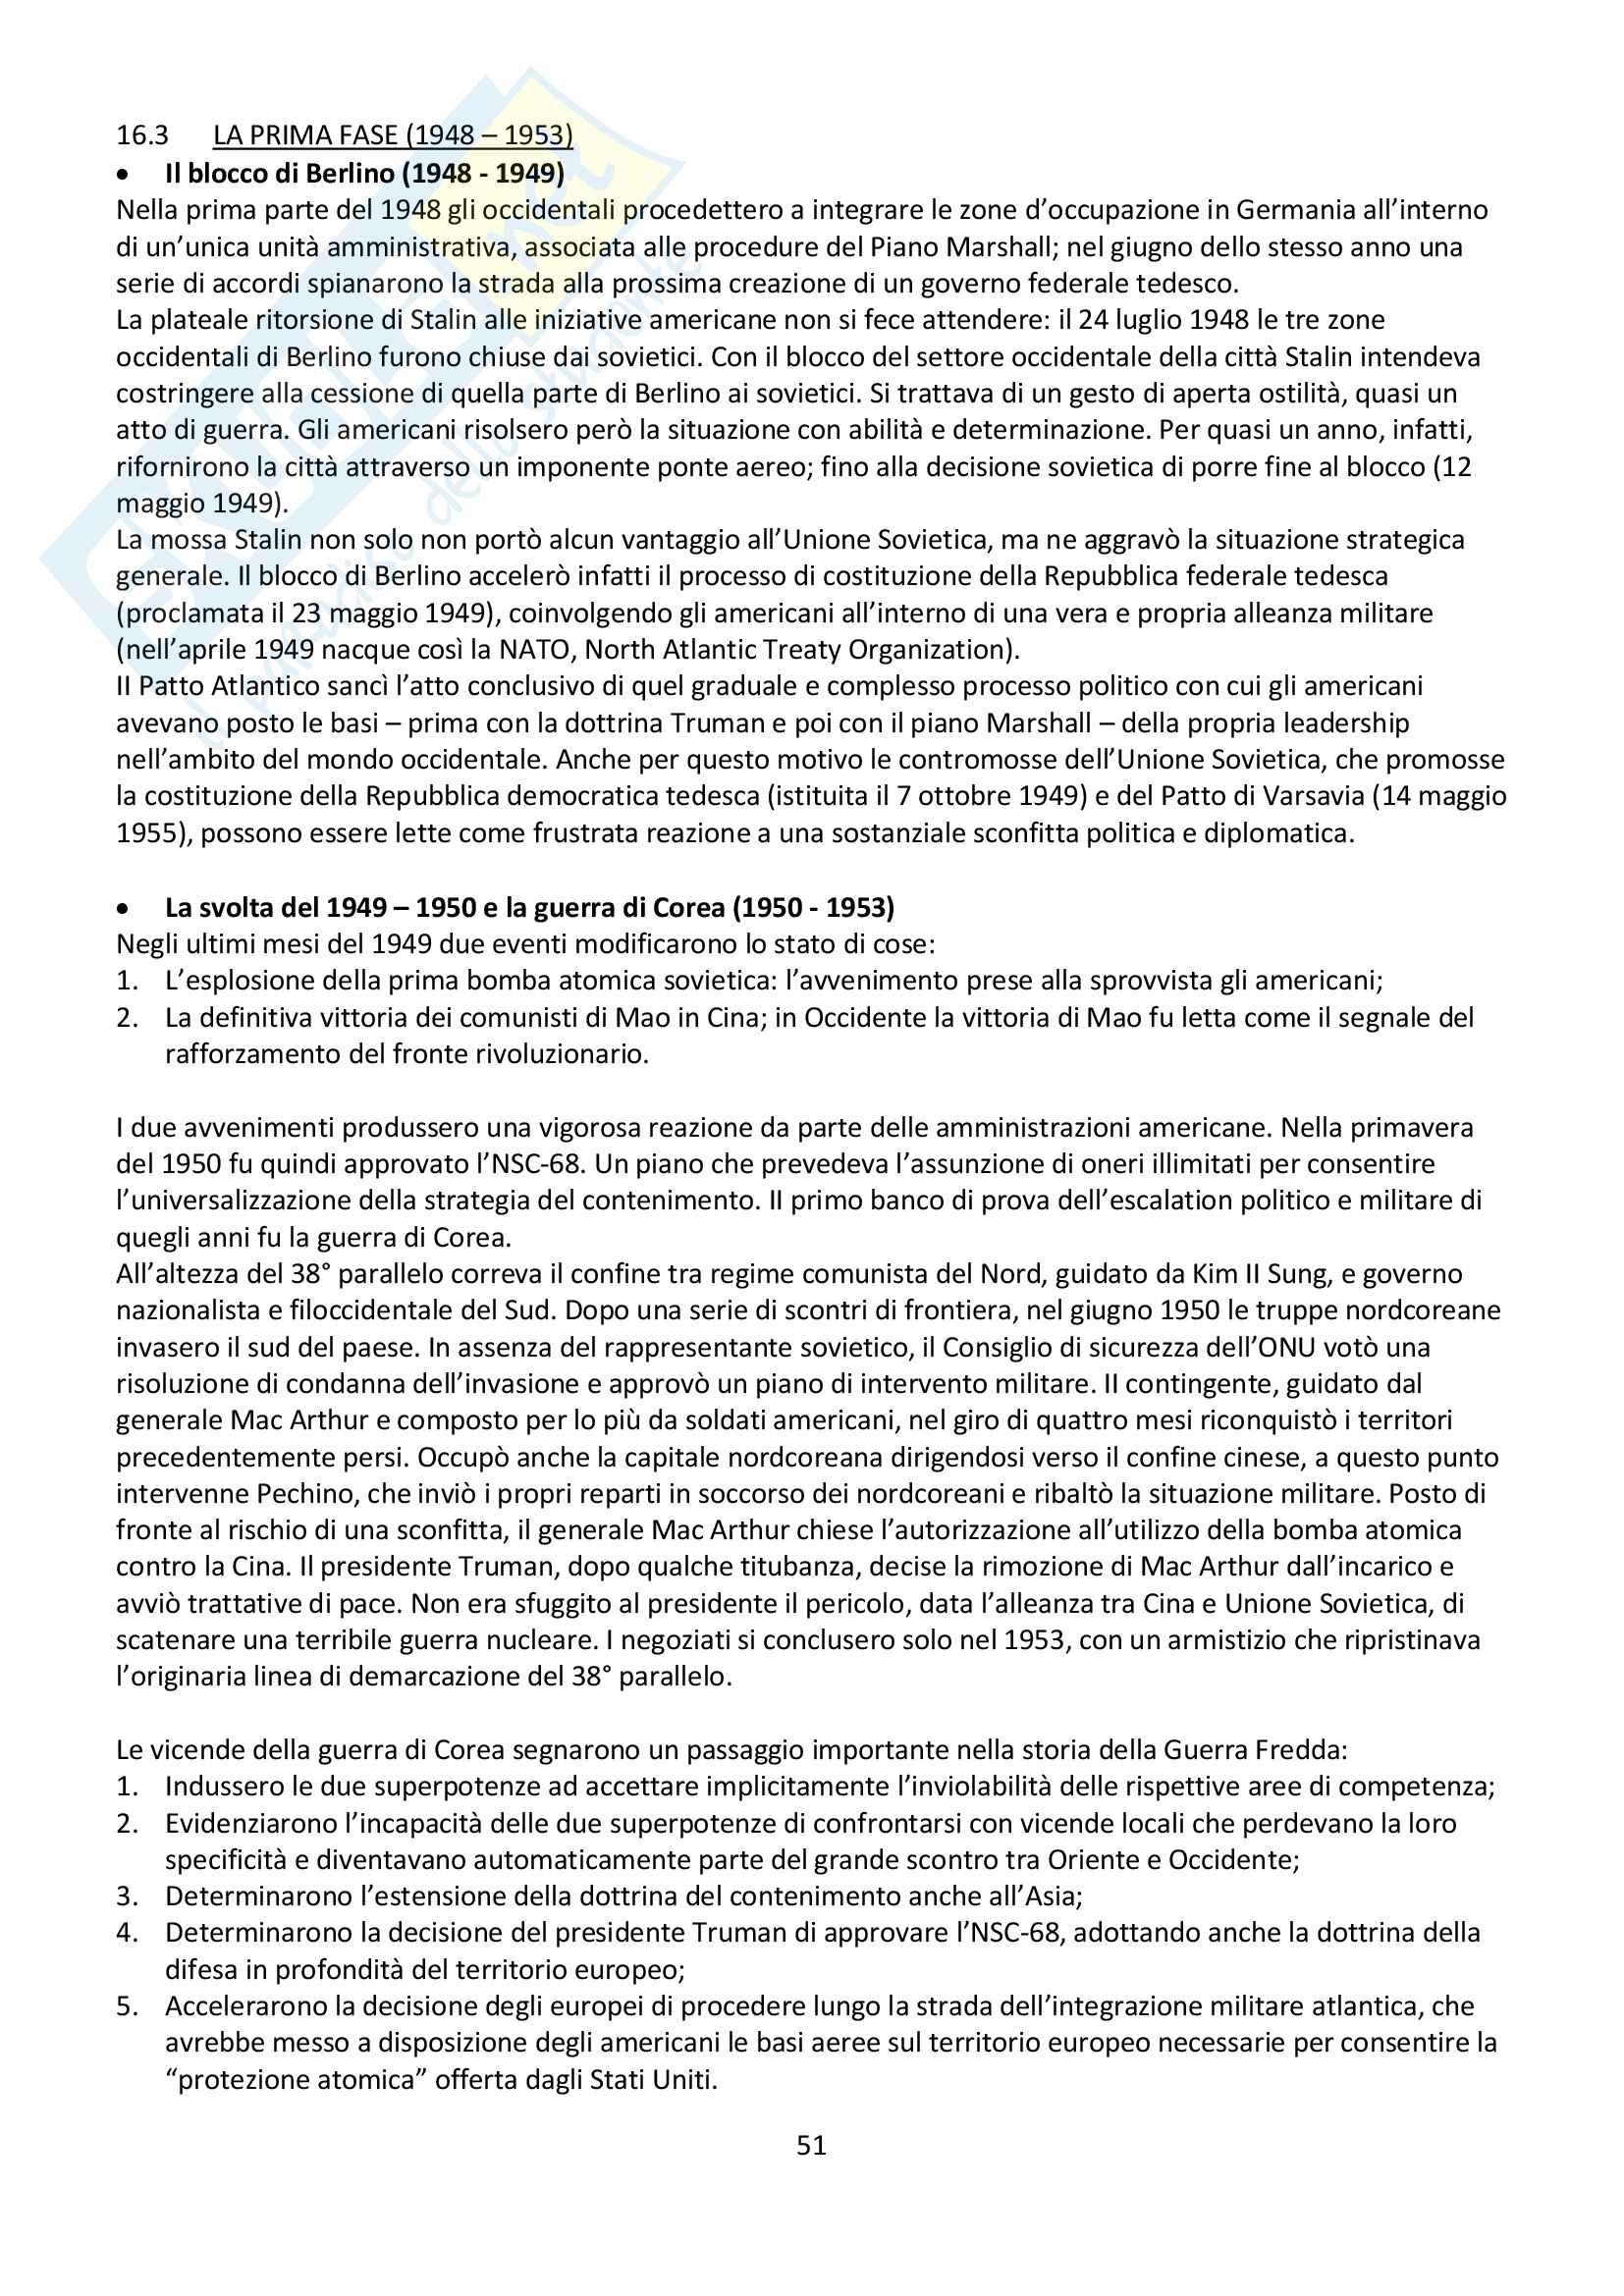 """Riassunto esame storia contemporanea, prof. Baravelli. Libro consigliato """"Venti lezioni di storia contemporanea dal 1848 ad oggi"""", Andrea Baravelli, Ilaria Cerioli Pag. 51"""